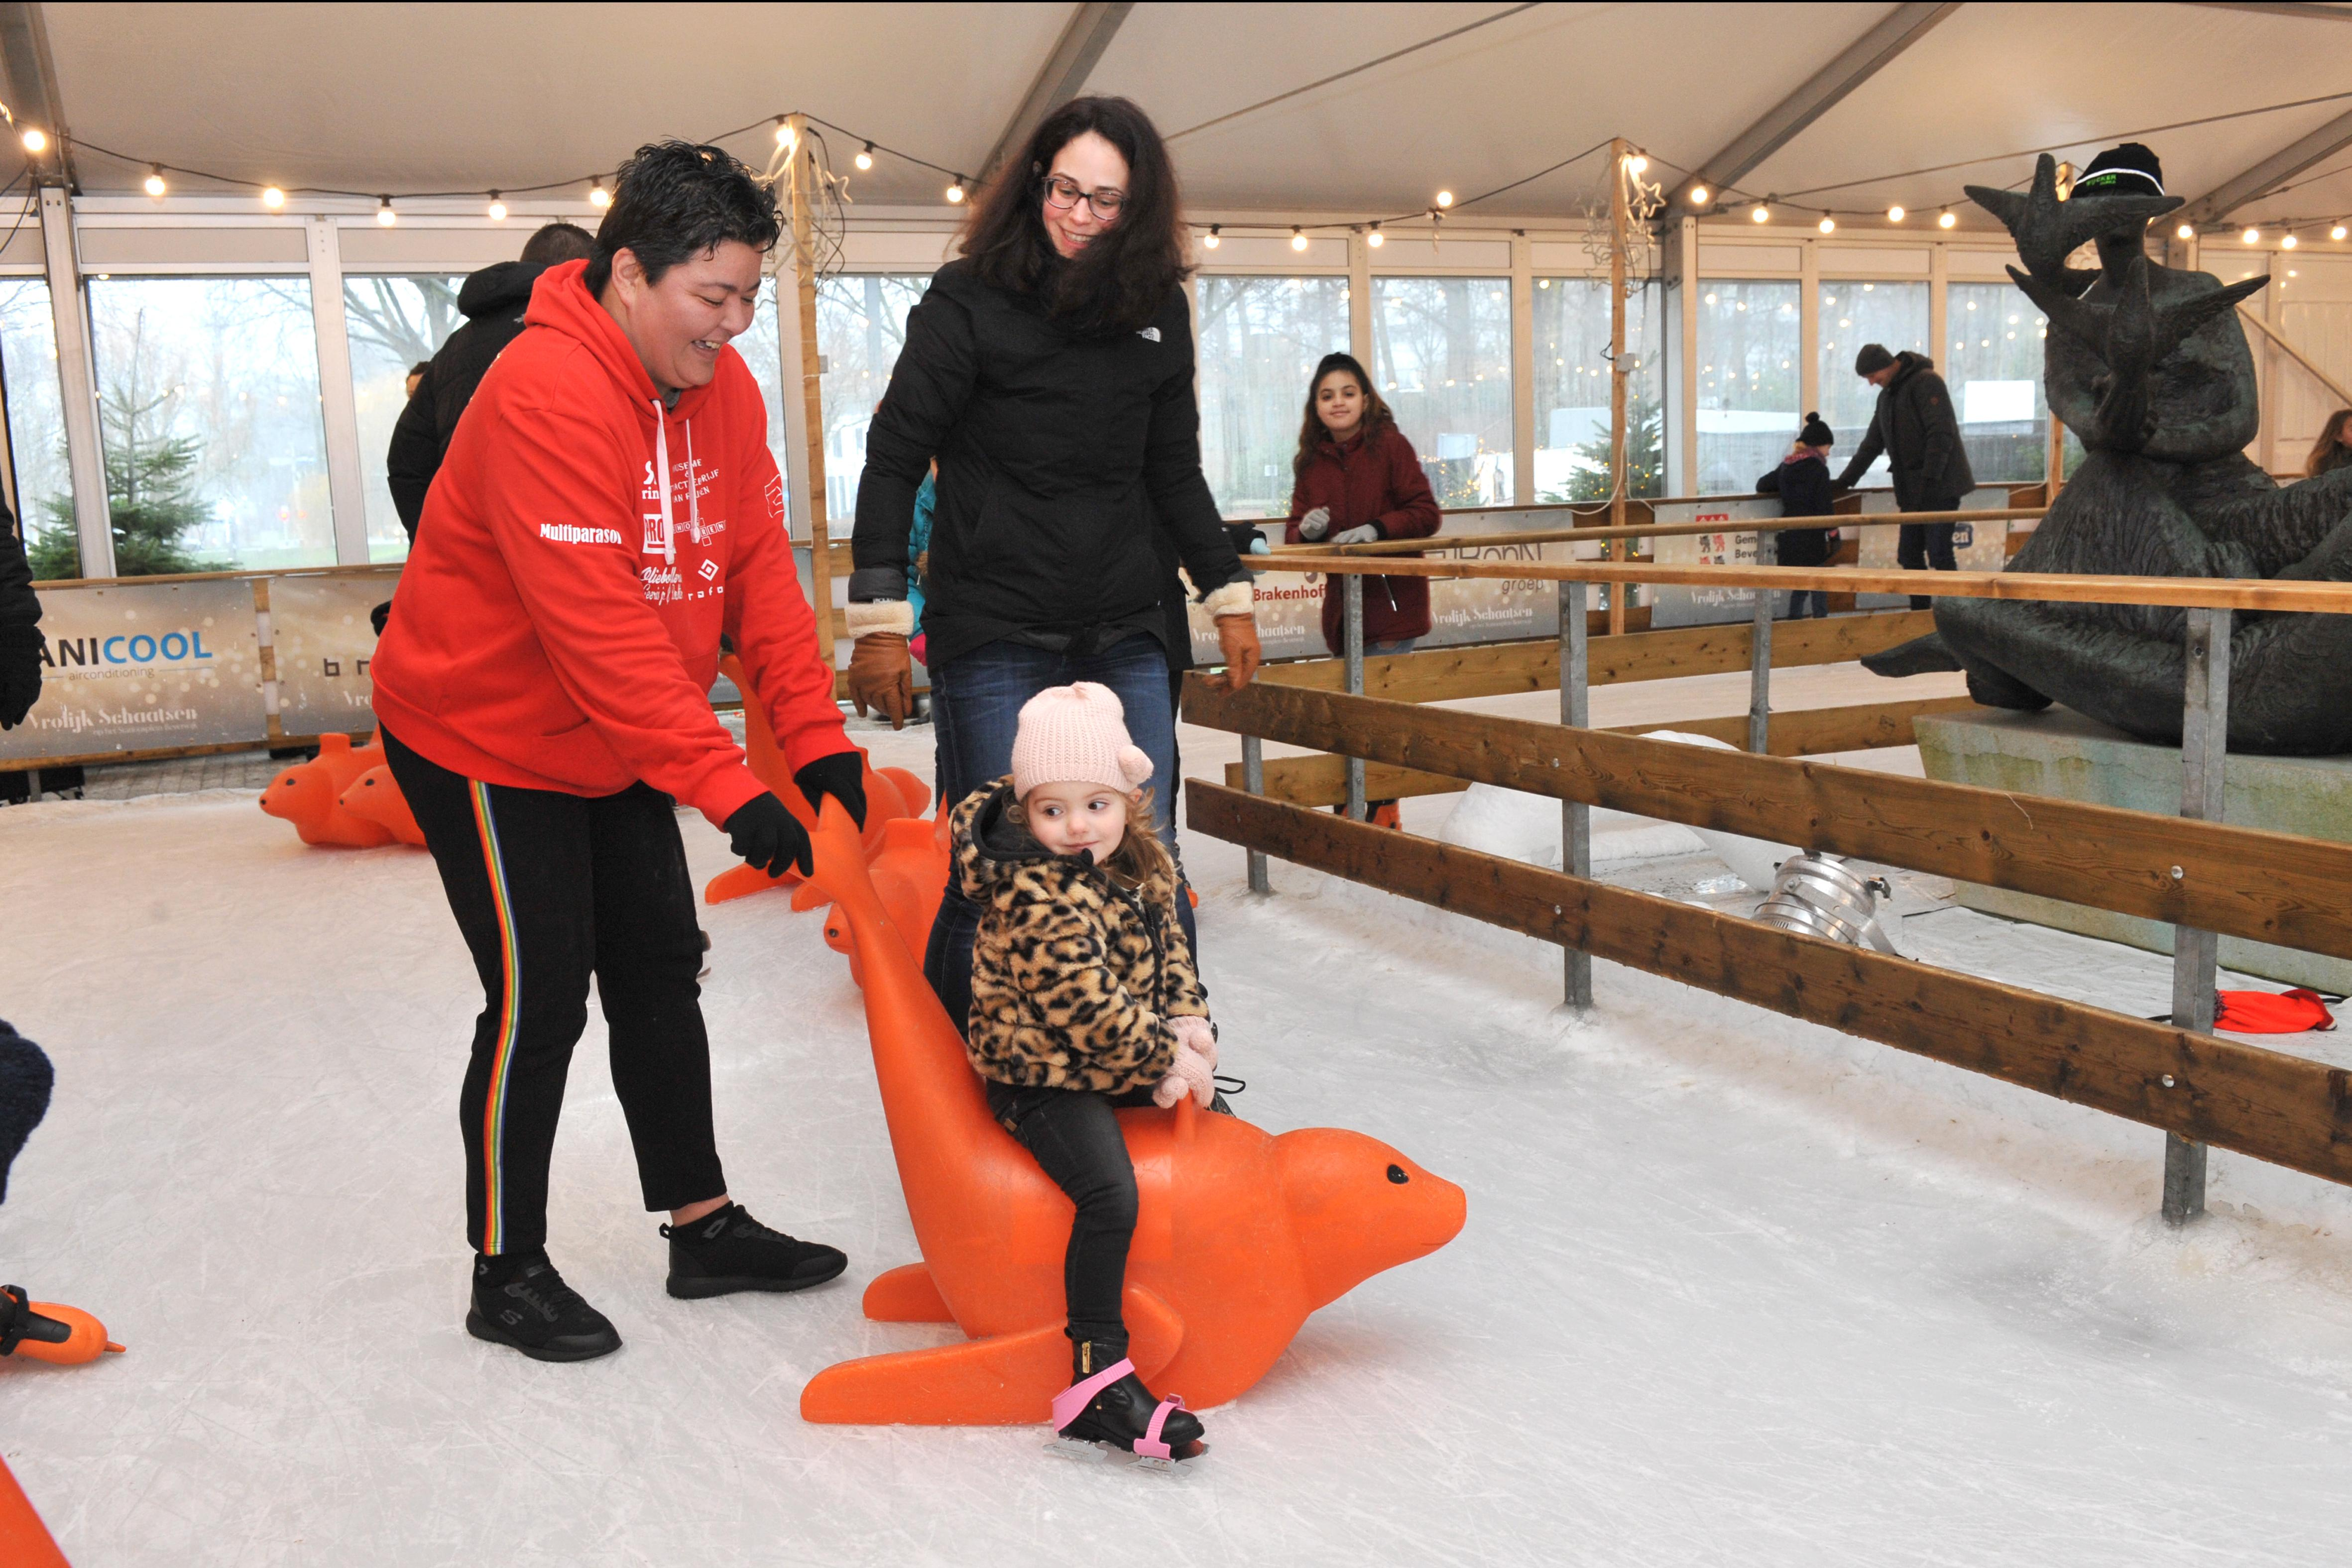 Beverwijk krijgt in december geen overdekte schaatsbaan vanwege de coronacrisis: 'Het risico is te groot'